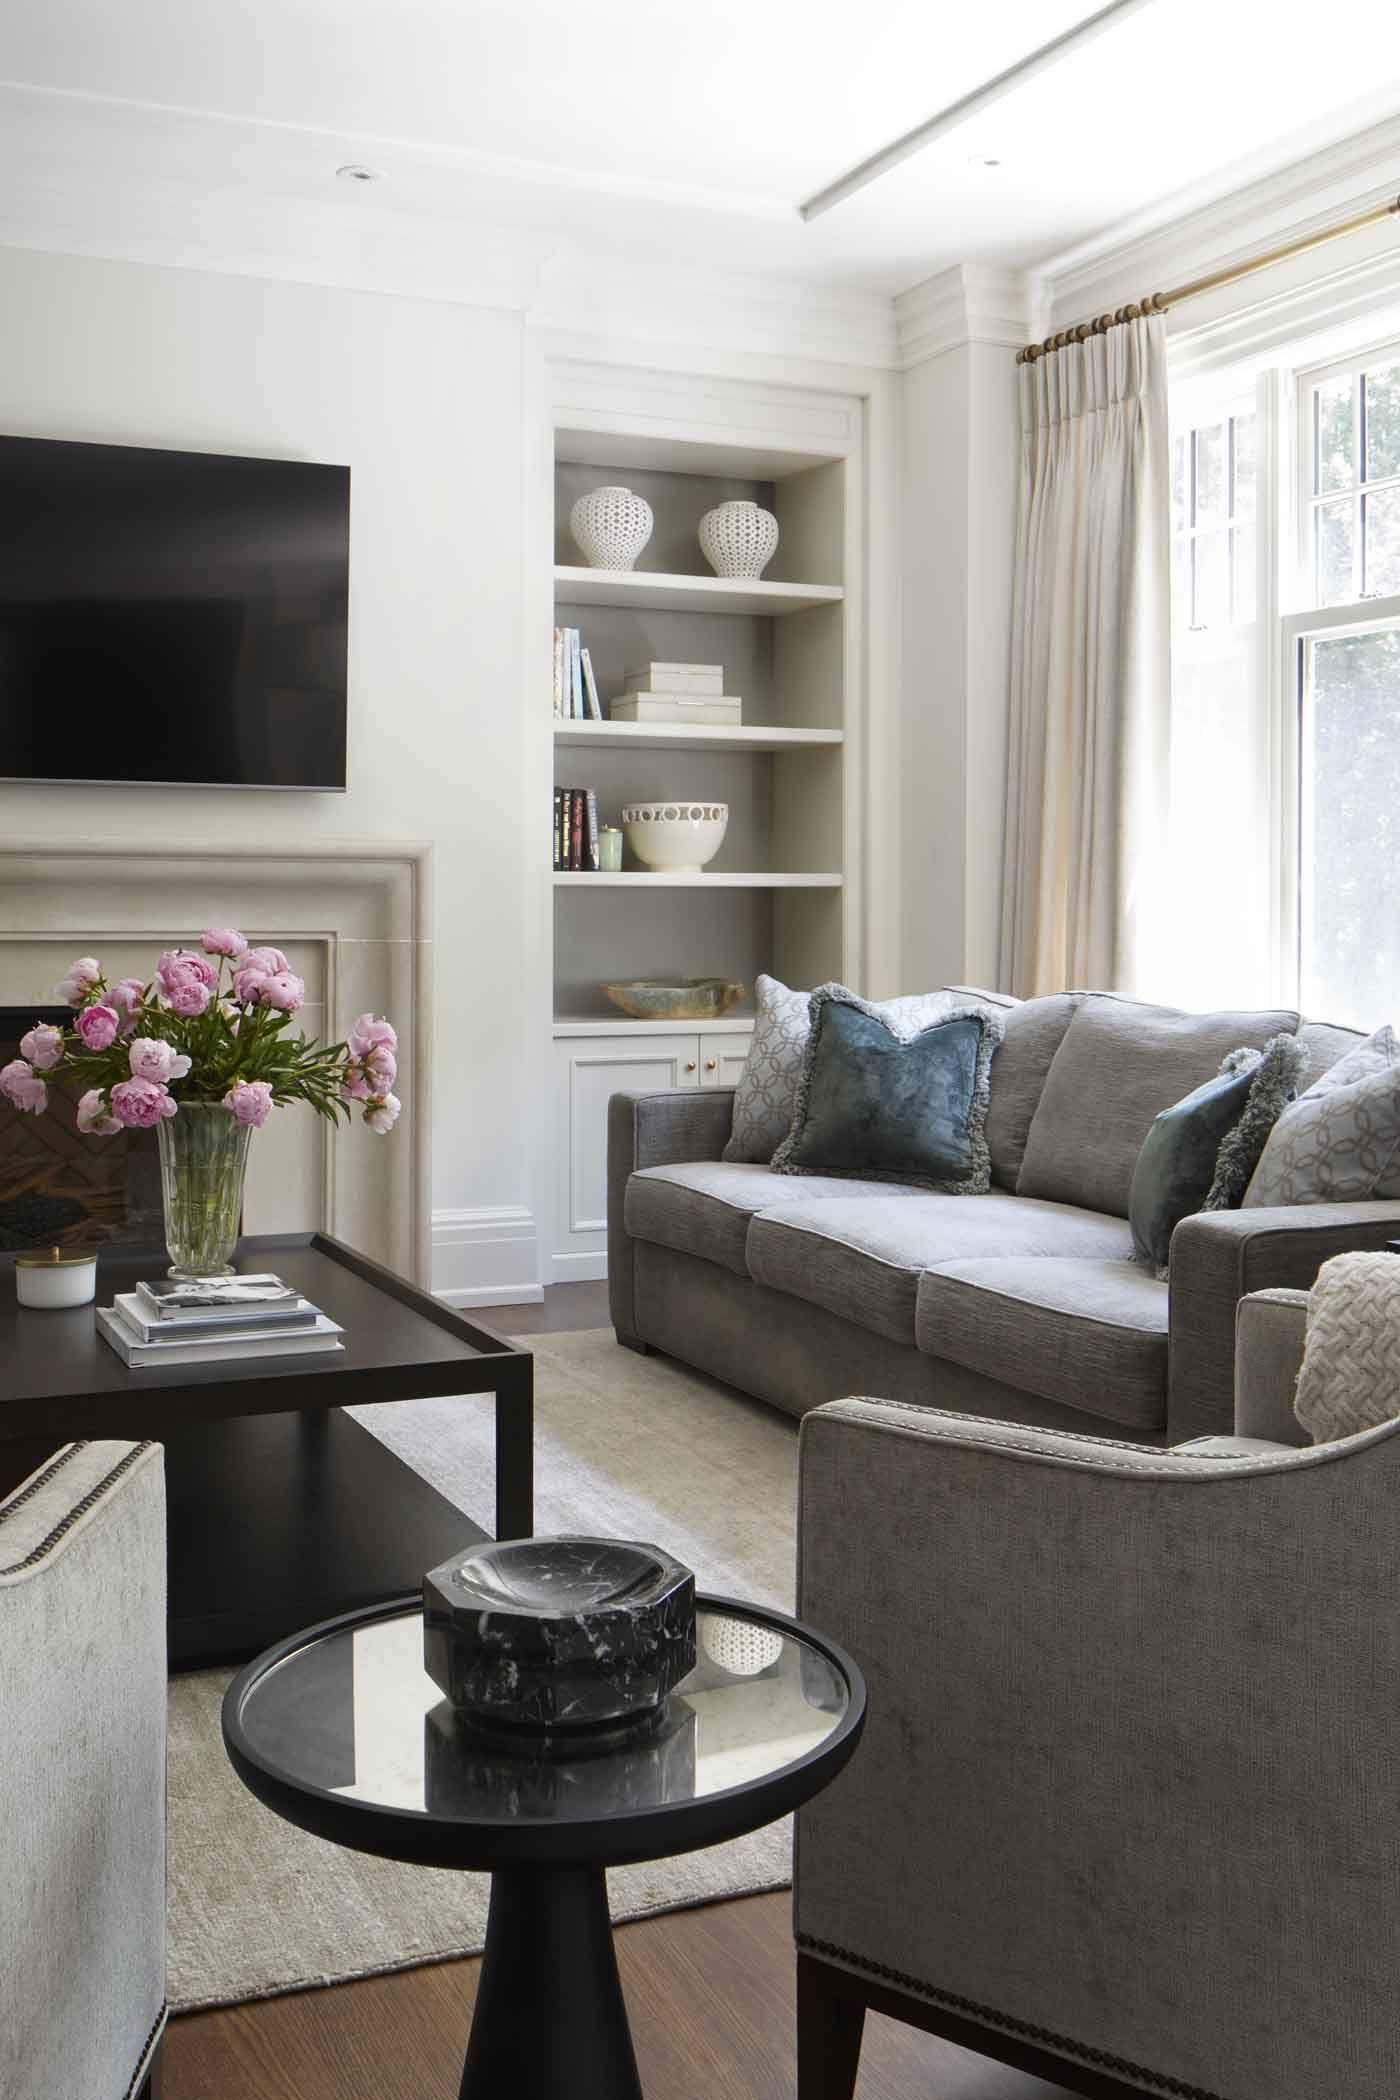 a582b49e3d786 Classic – Julie Charbonneau Design | Apt renovation ideas | Interior ...